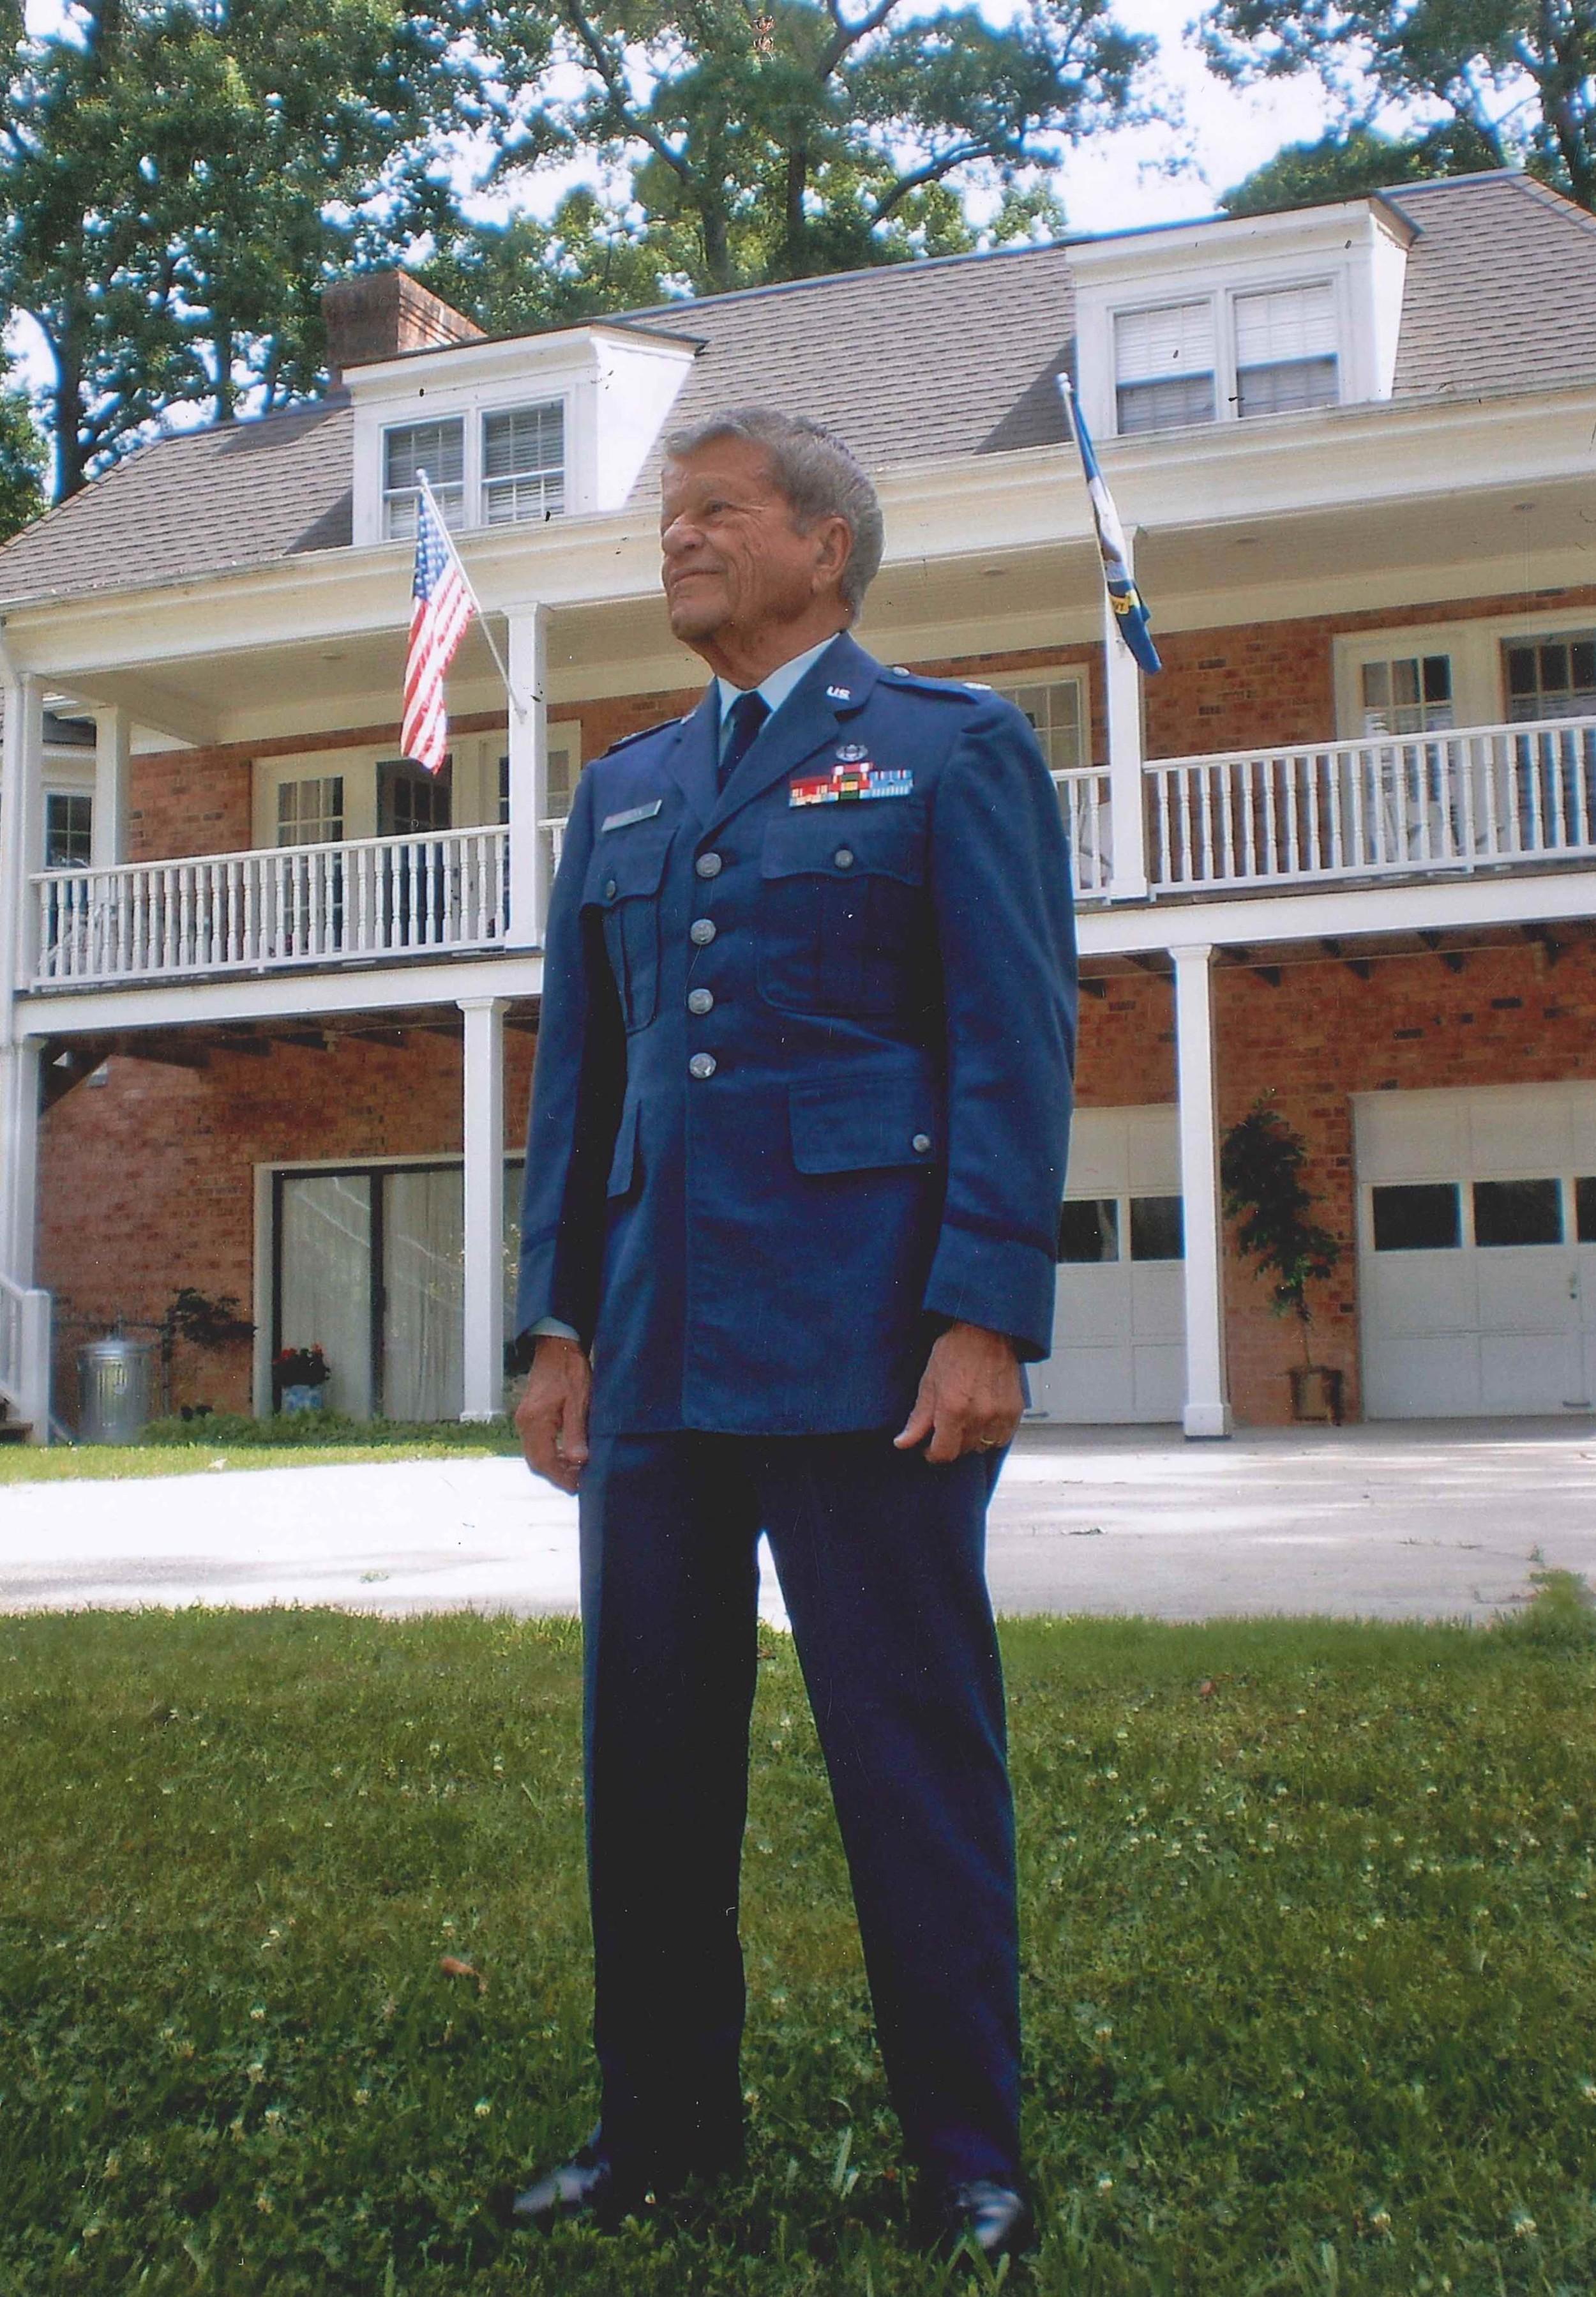 Robert Morgan in his navy uniform in June 2010